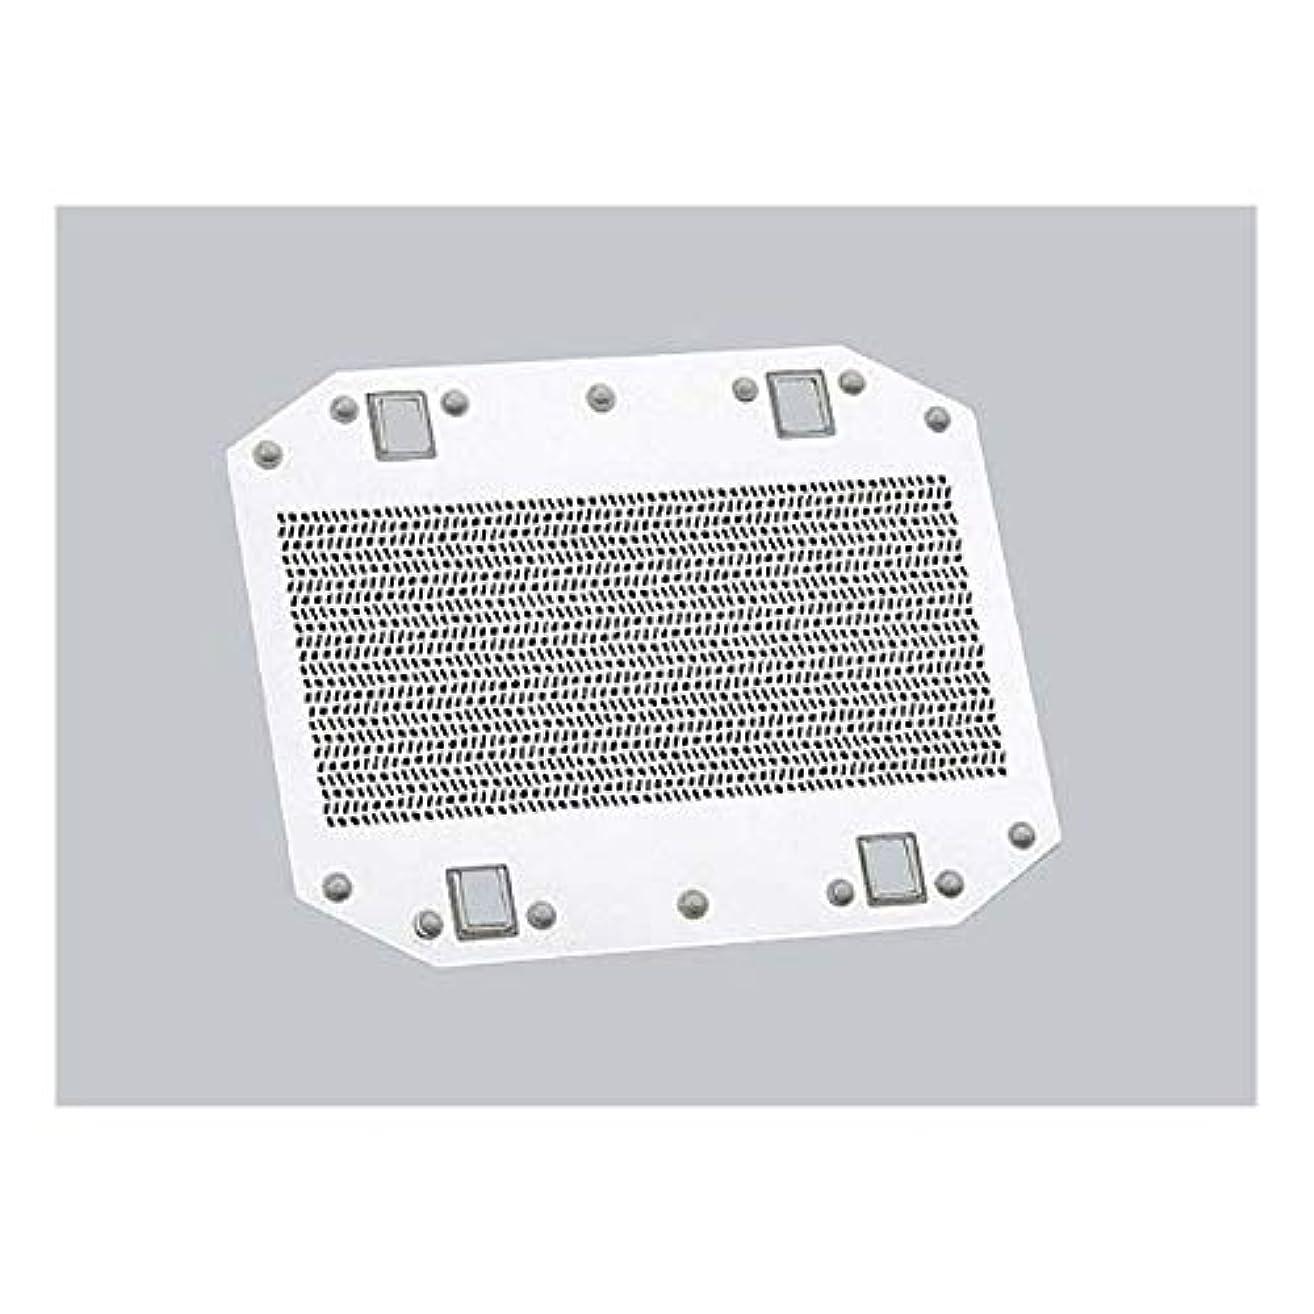 ミュウミュウポータルビンパナソニック 替刃 メンズシェーバー用 外刃 ES9943